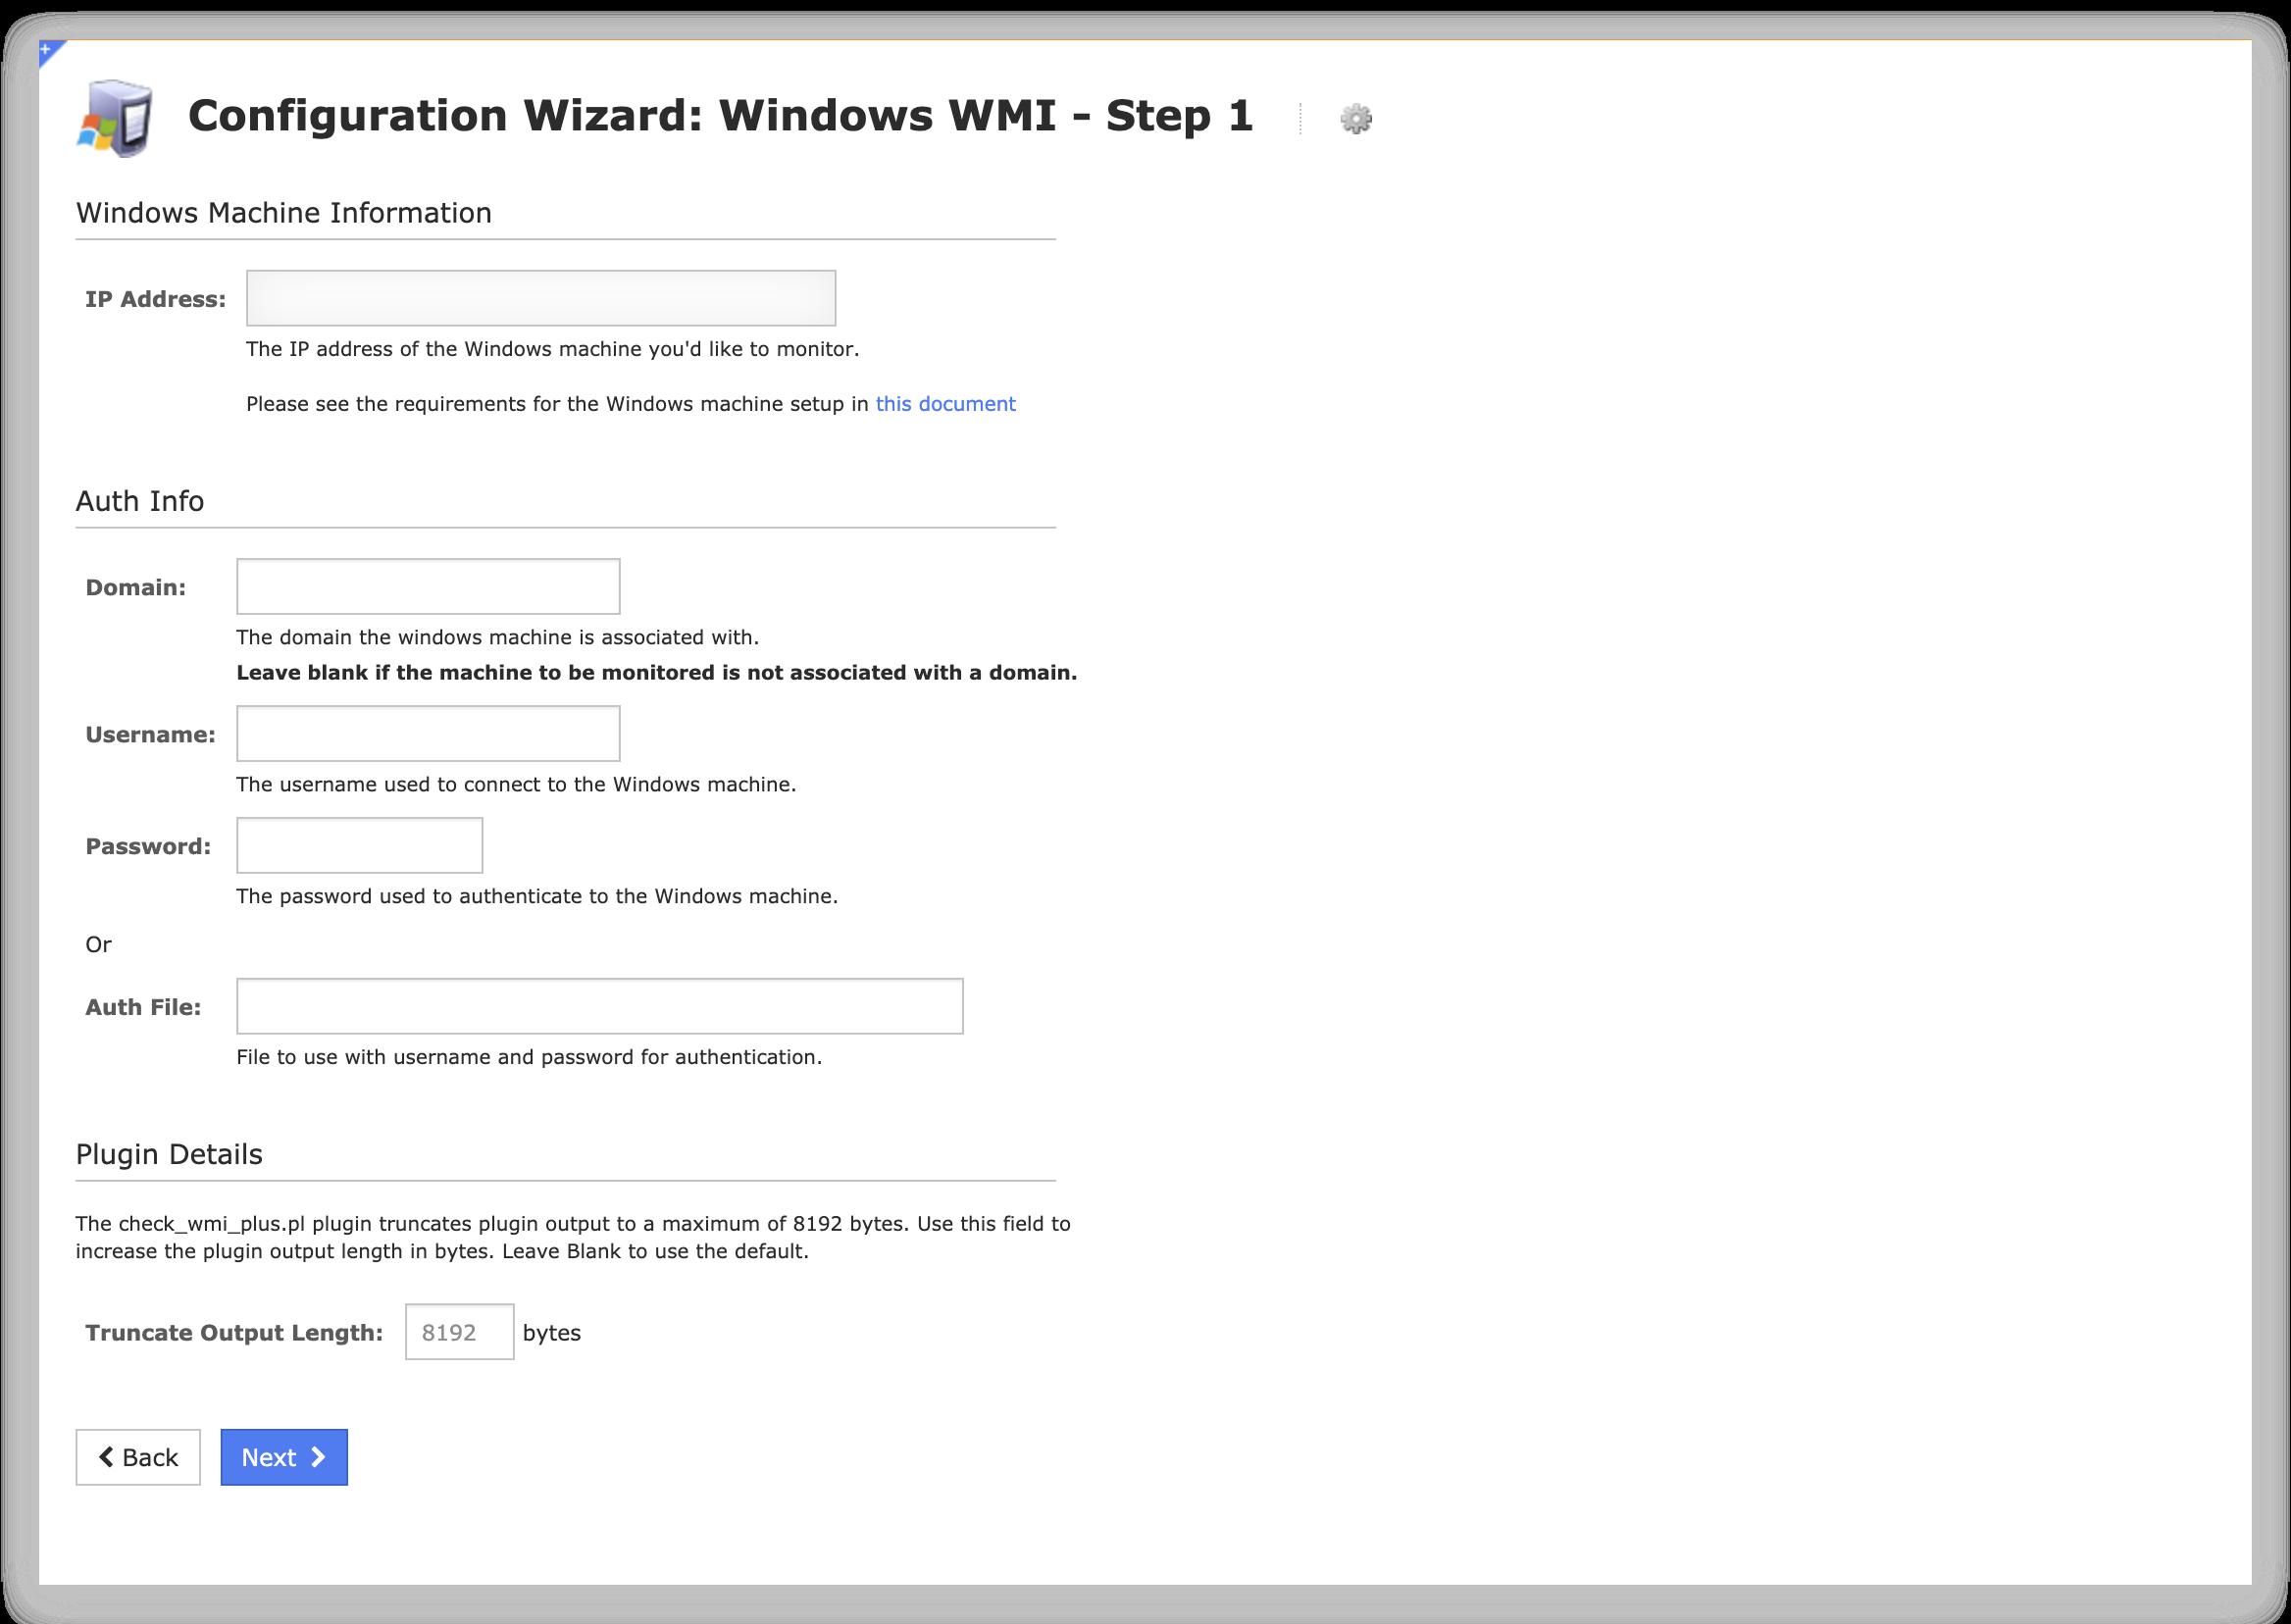 設定ウィザード: Windows WMIワークフローのステップ1のスクリーンショットを示す画像